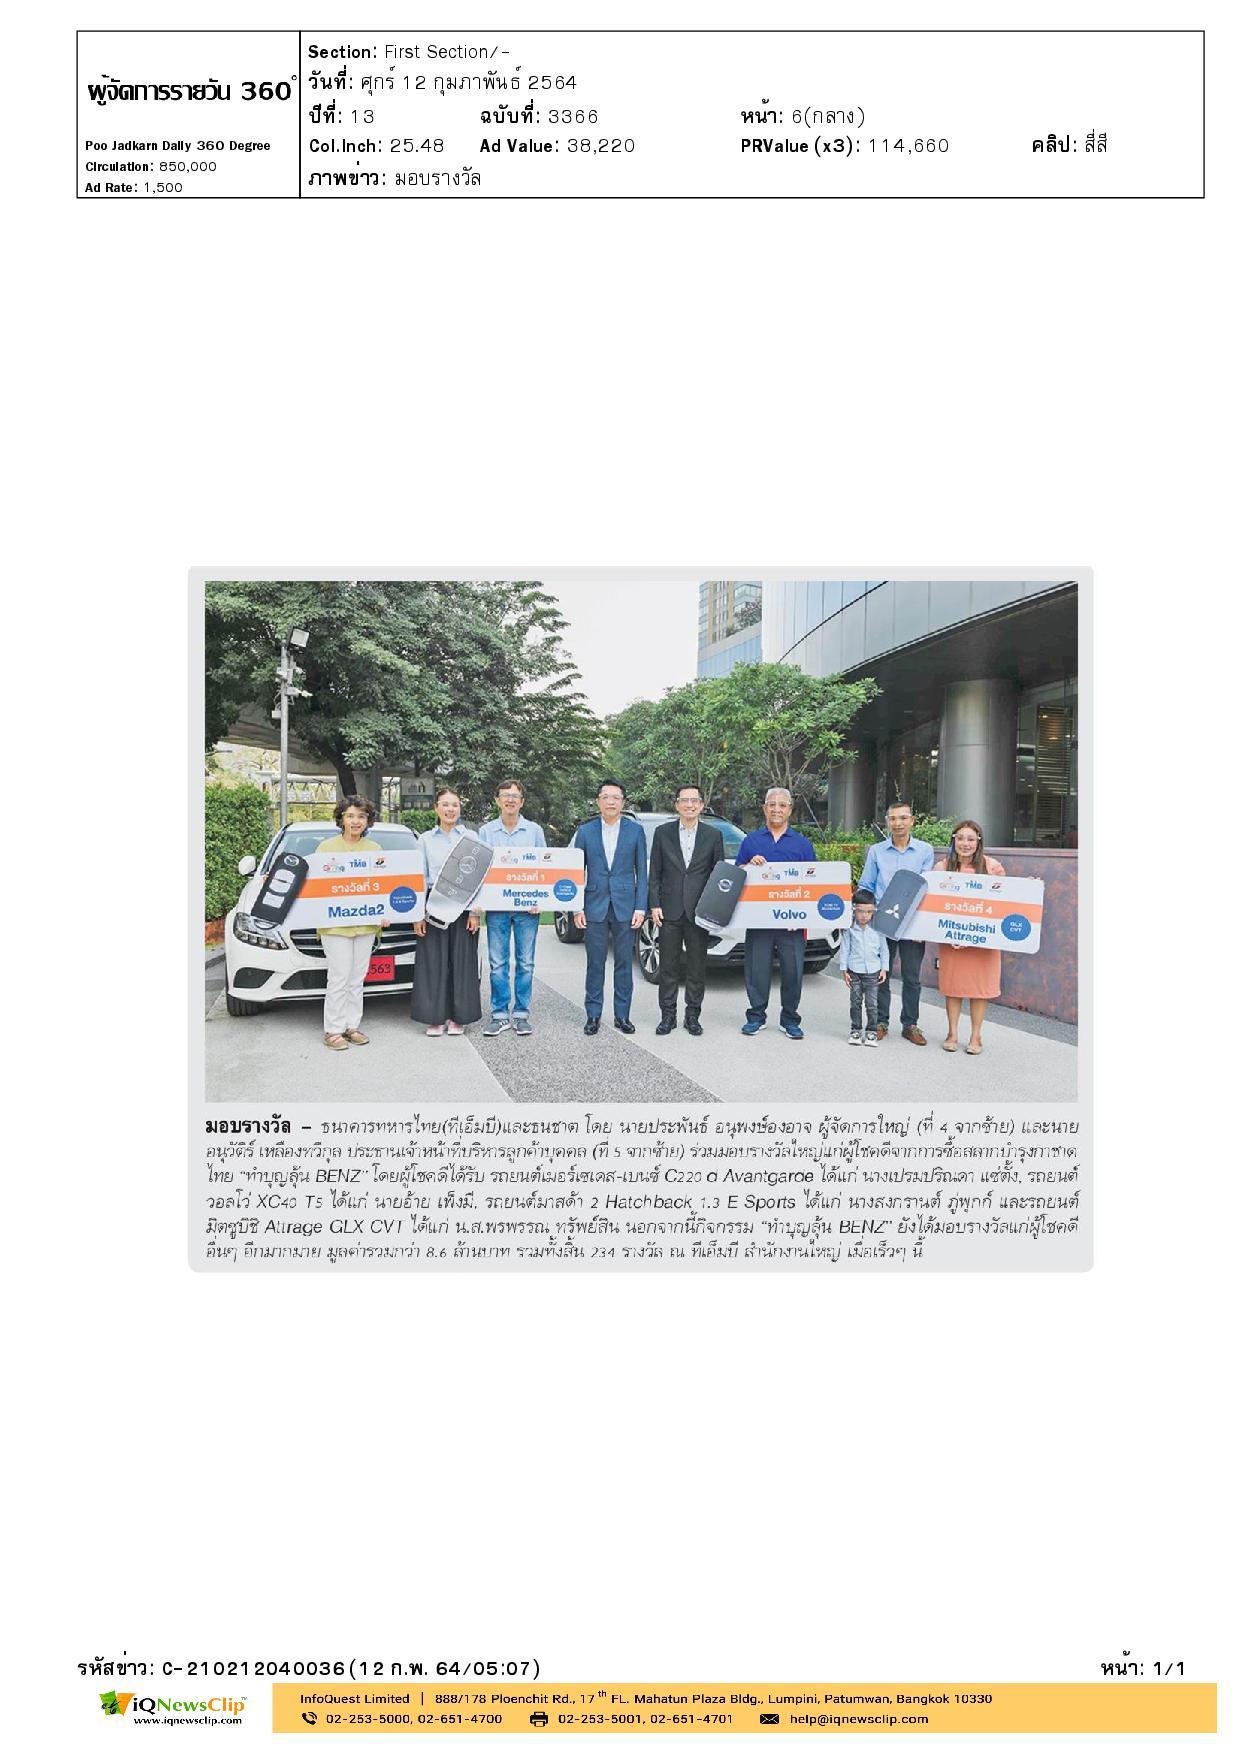 มอบรางวัลใหญ่ให้แก่ผู้โชคดีจากการซื้อสลากบำรุงสภากาชาดไทย